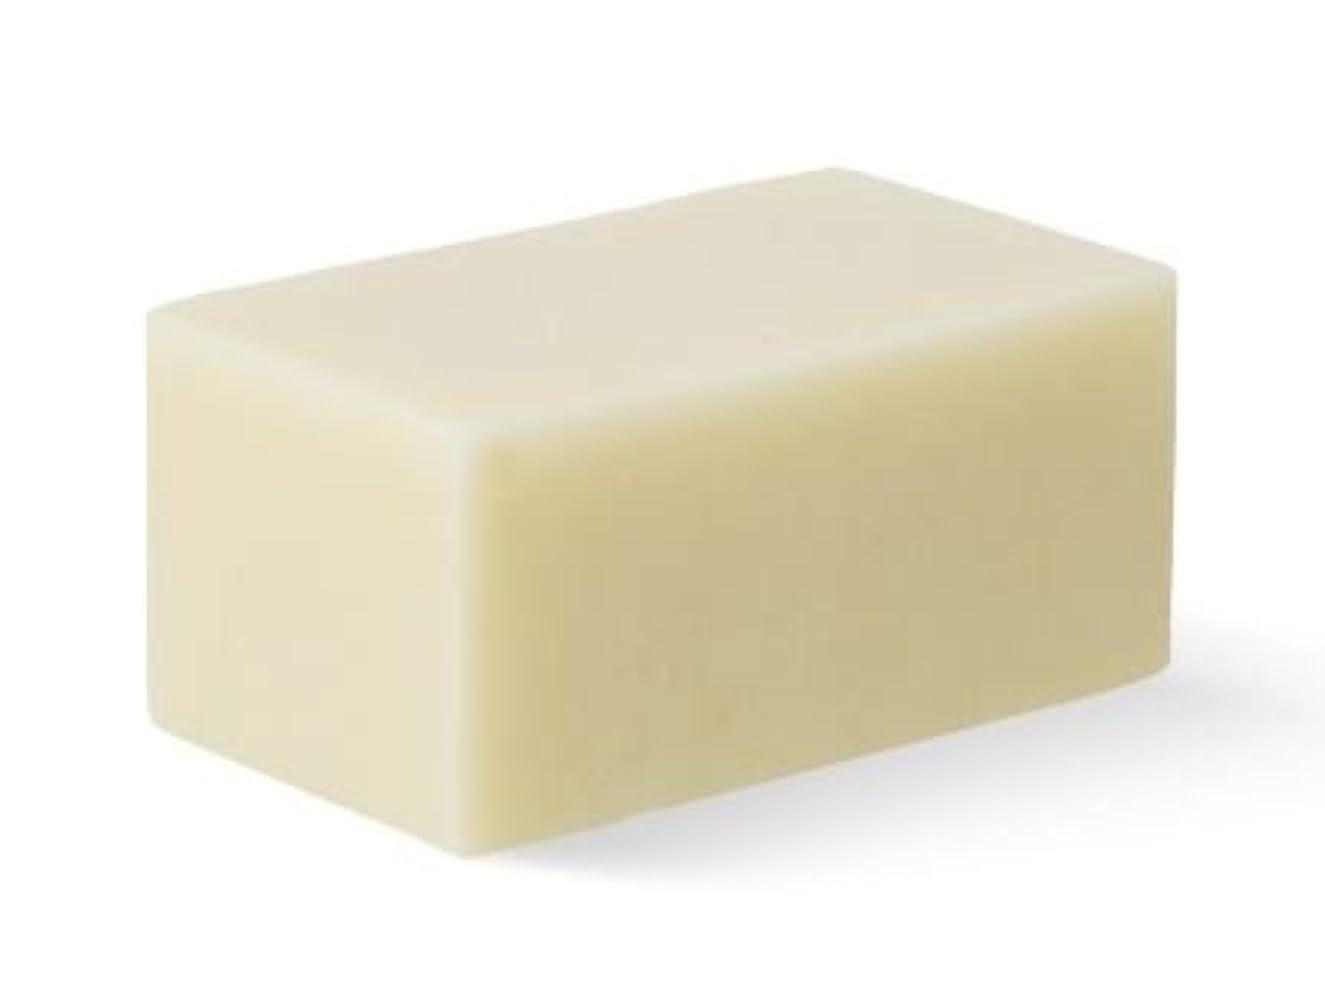 夜の動物園道徳教育経済的[Abib] Facial Soap ivory Brick 100g/[アビブ]フェイシャルソープ アイボリー ブリック100g [並行輸入品]